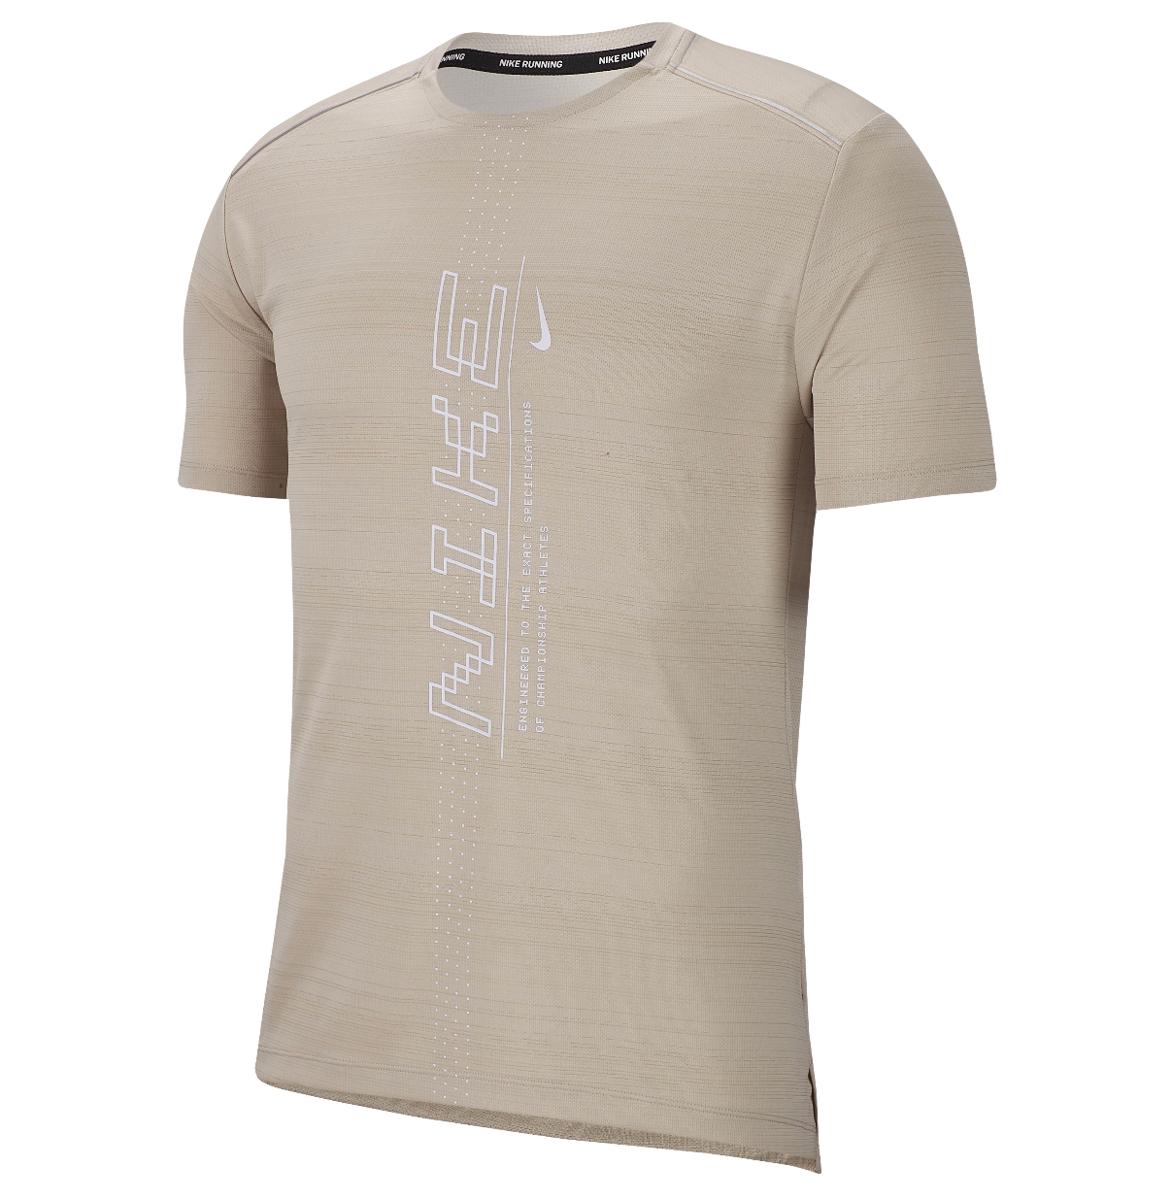 Bilde av Nike m nk dry miler ss po gx ff string/white CJ5340-221